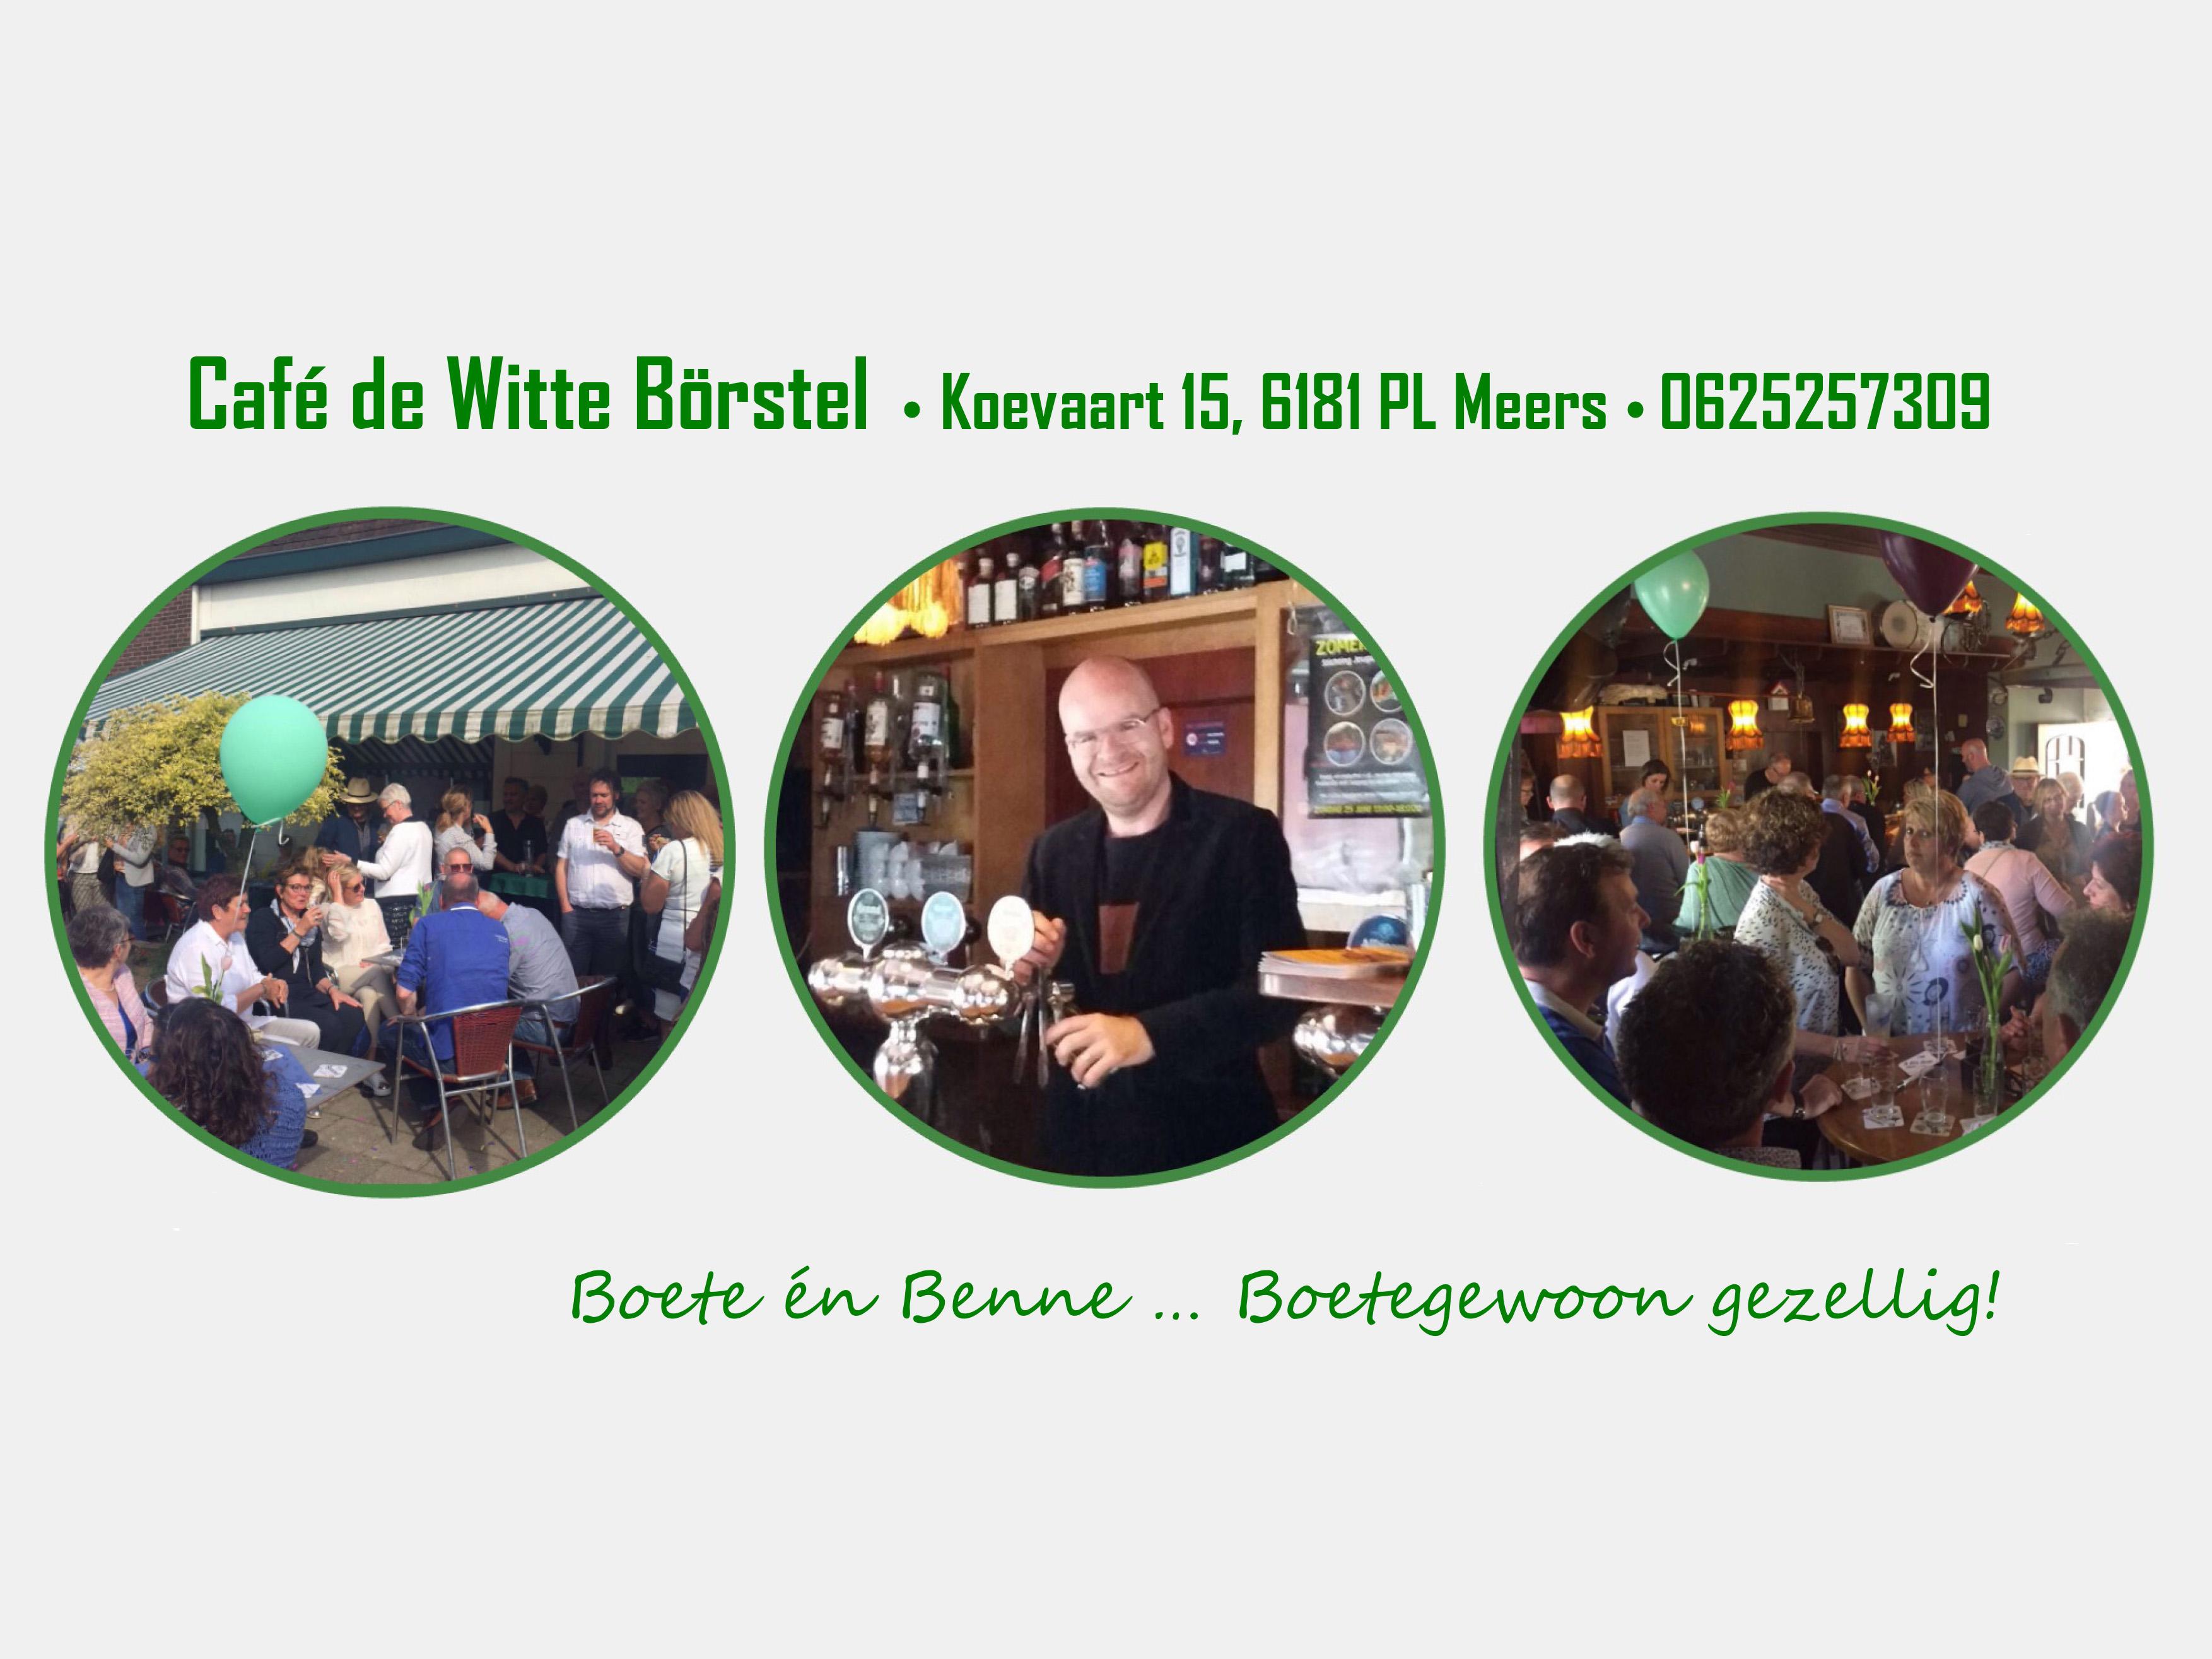 Café de Witte Börstel